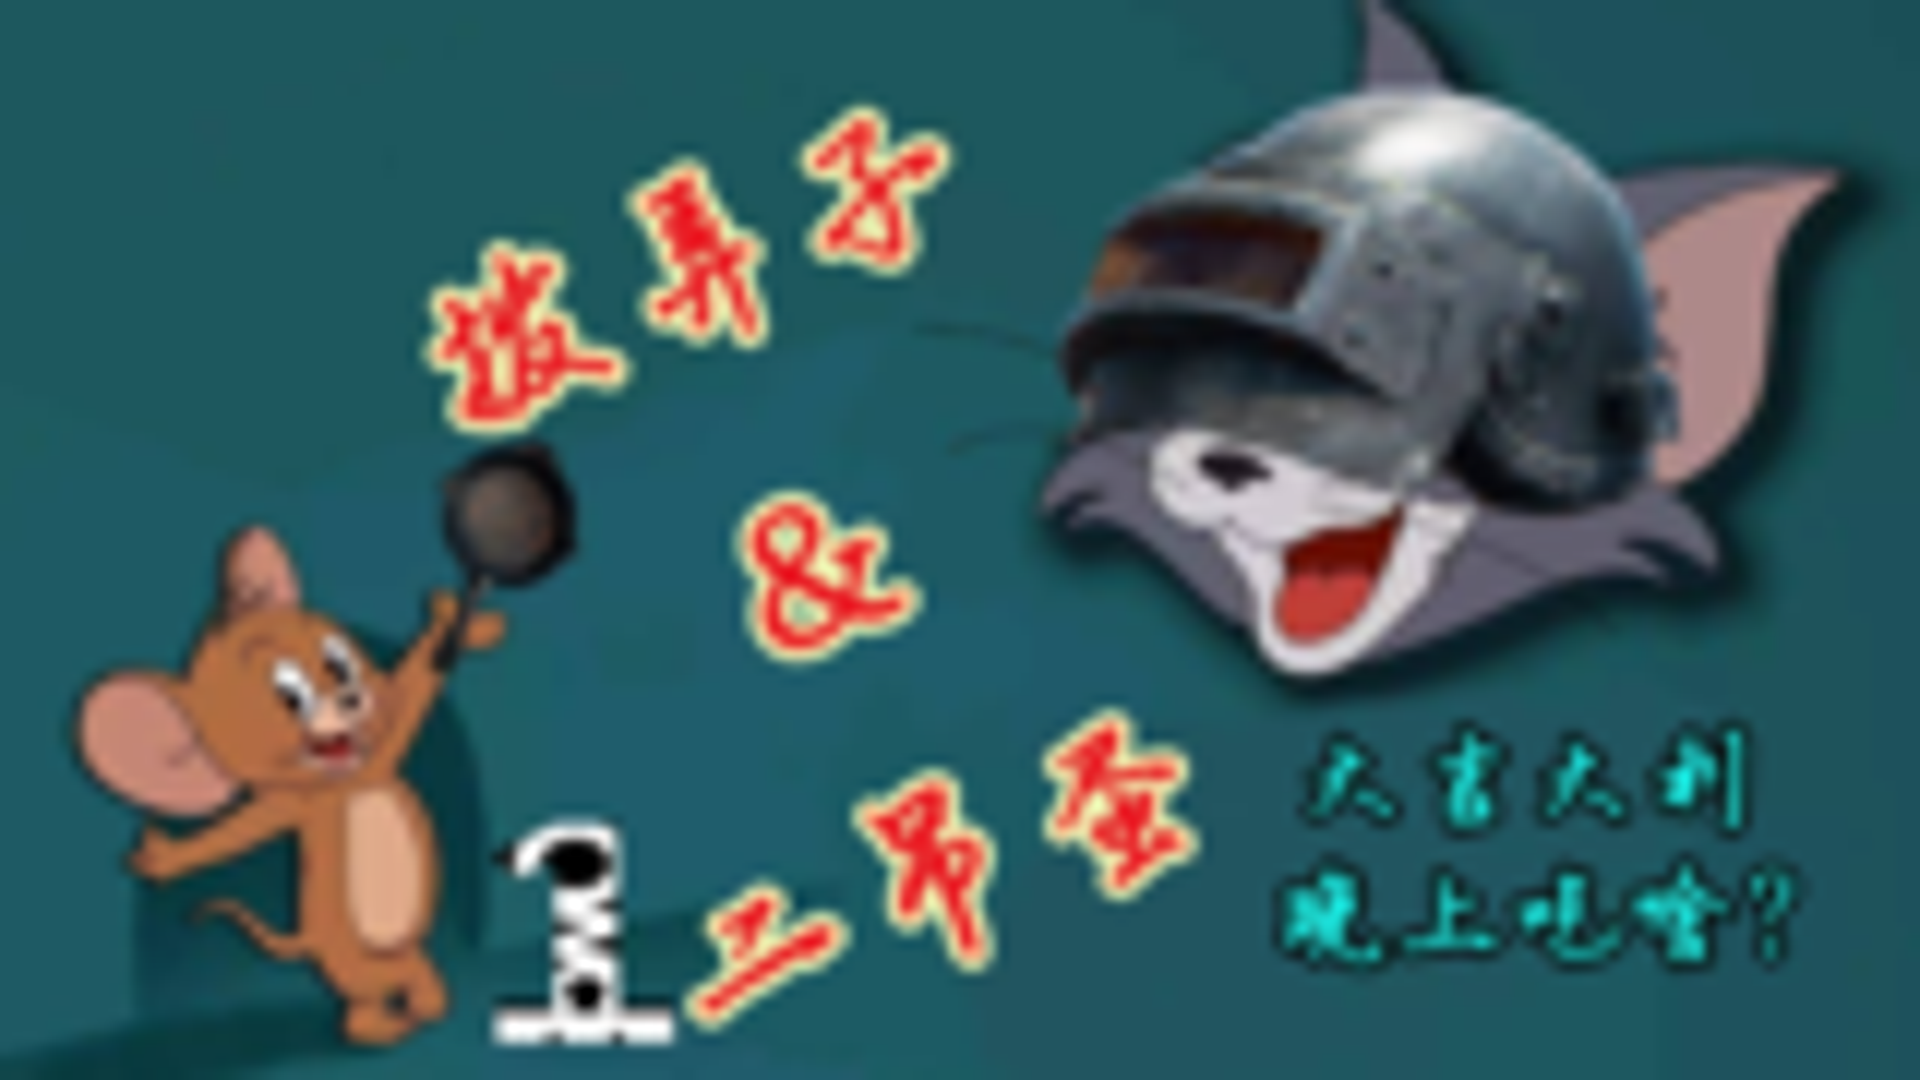 【爆笑方言】猫和老鼠——大吉大利, 晚上吃鱼? 吃猫? 【一次性配音组】